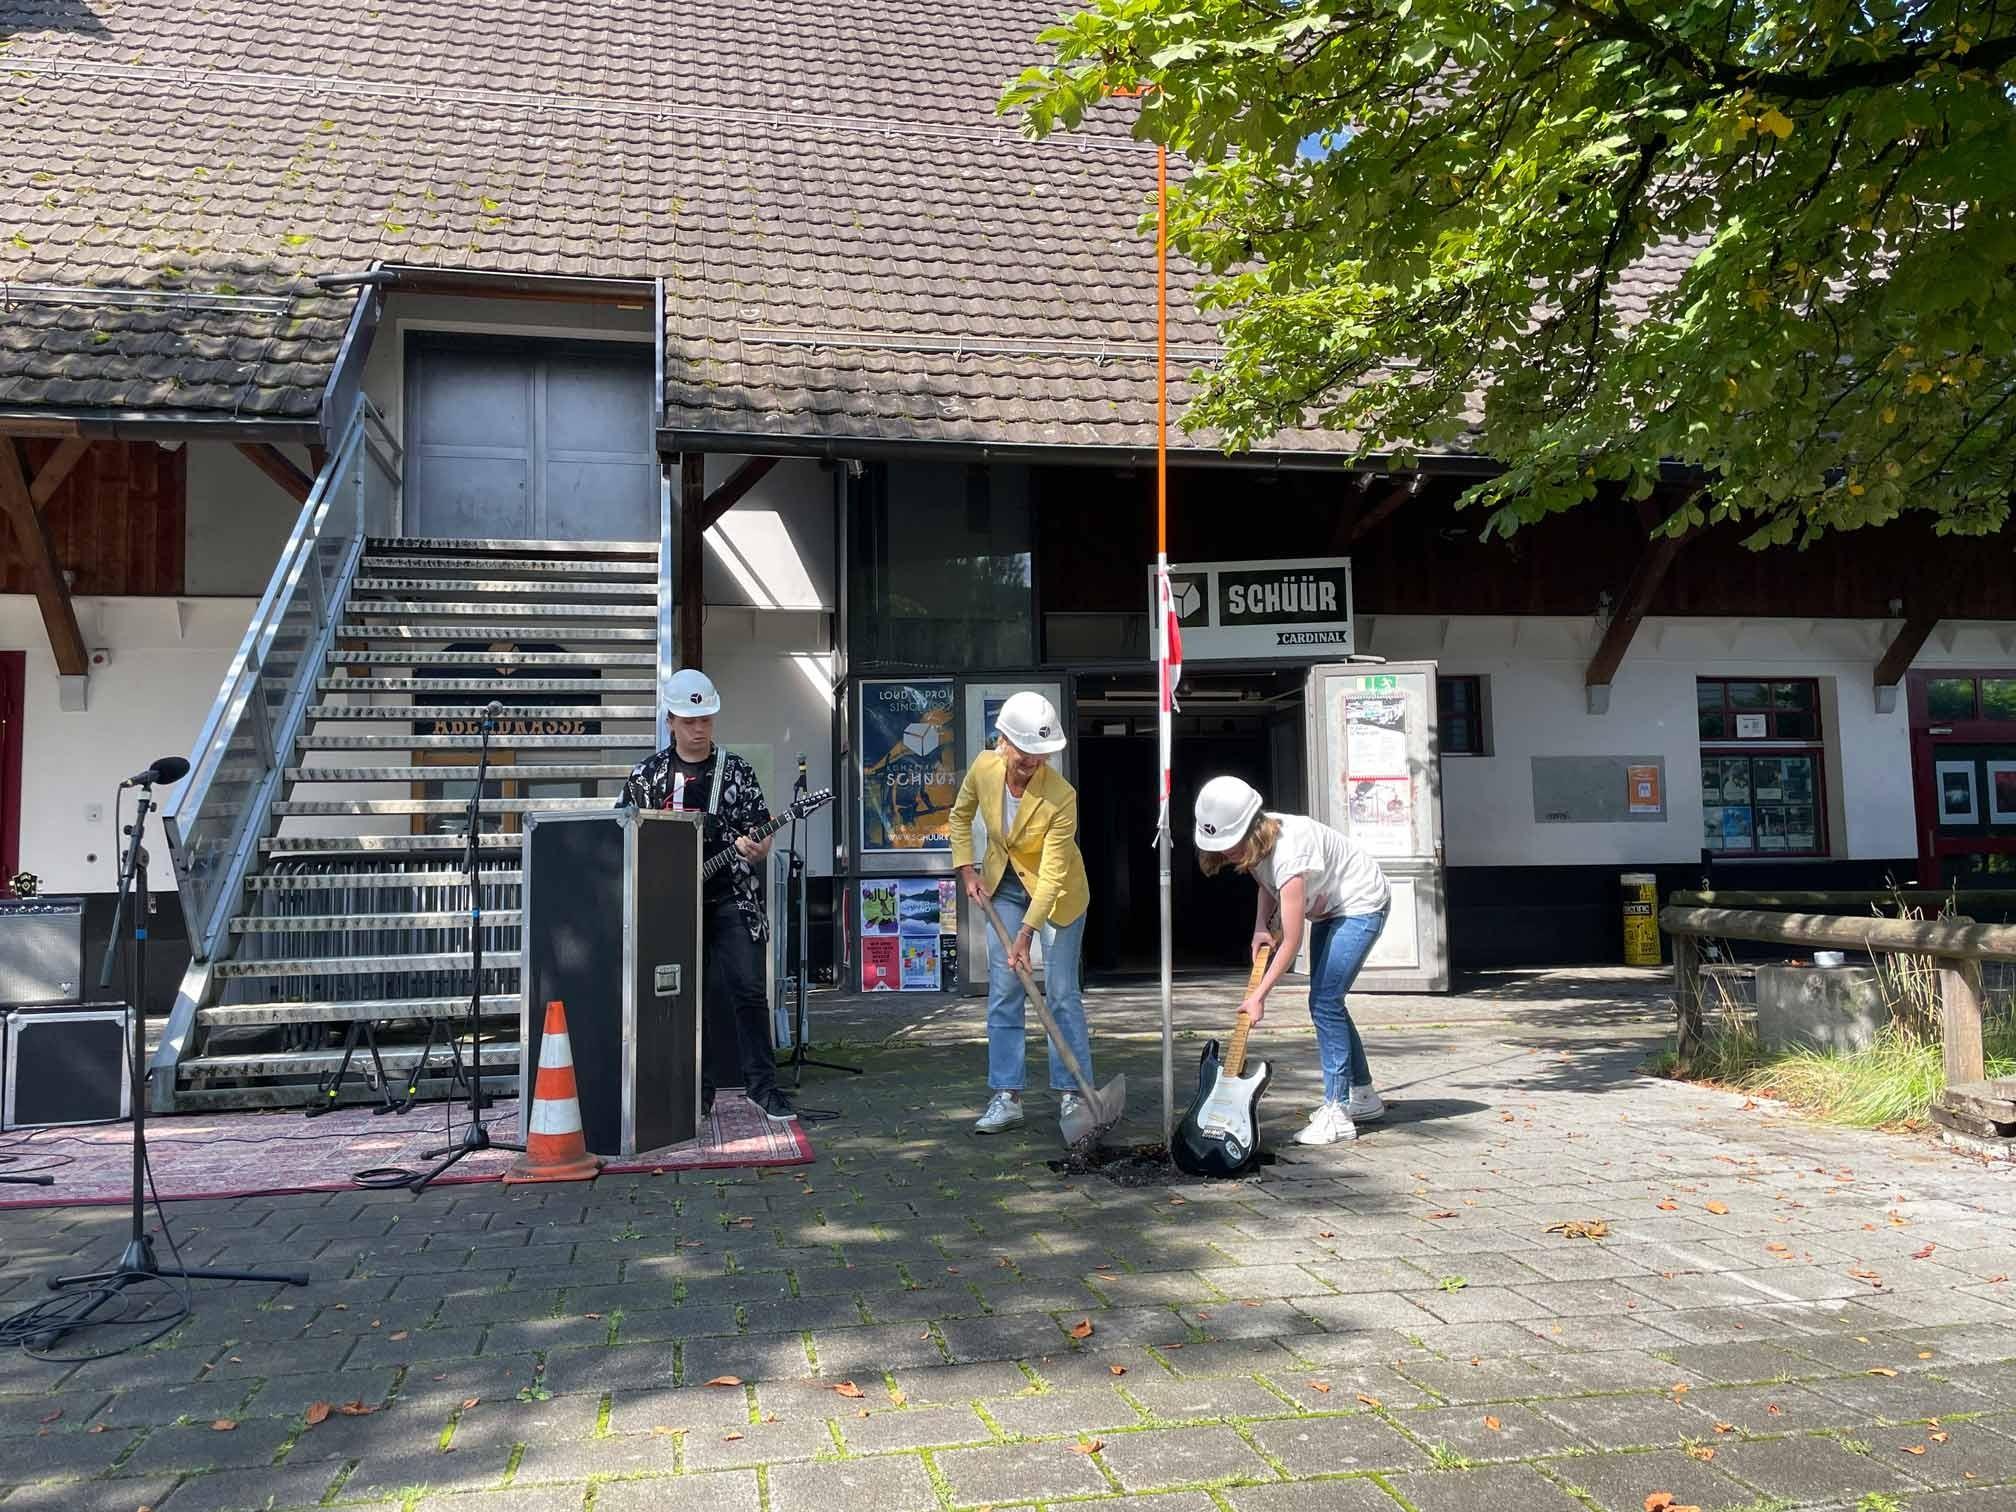 Spatenstich Umbau Konzerthaus Schüür in Stadt Luzern